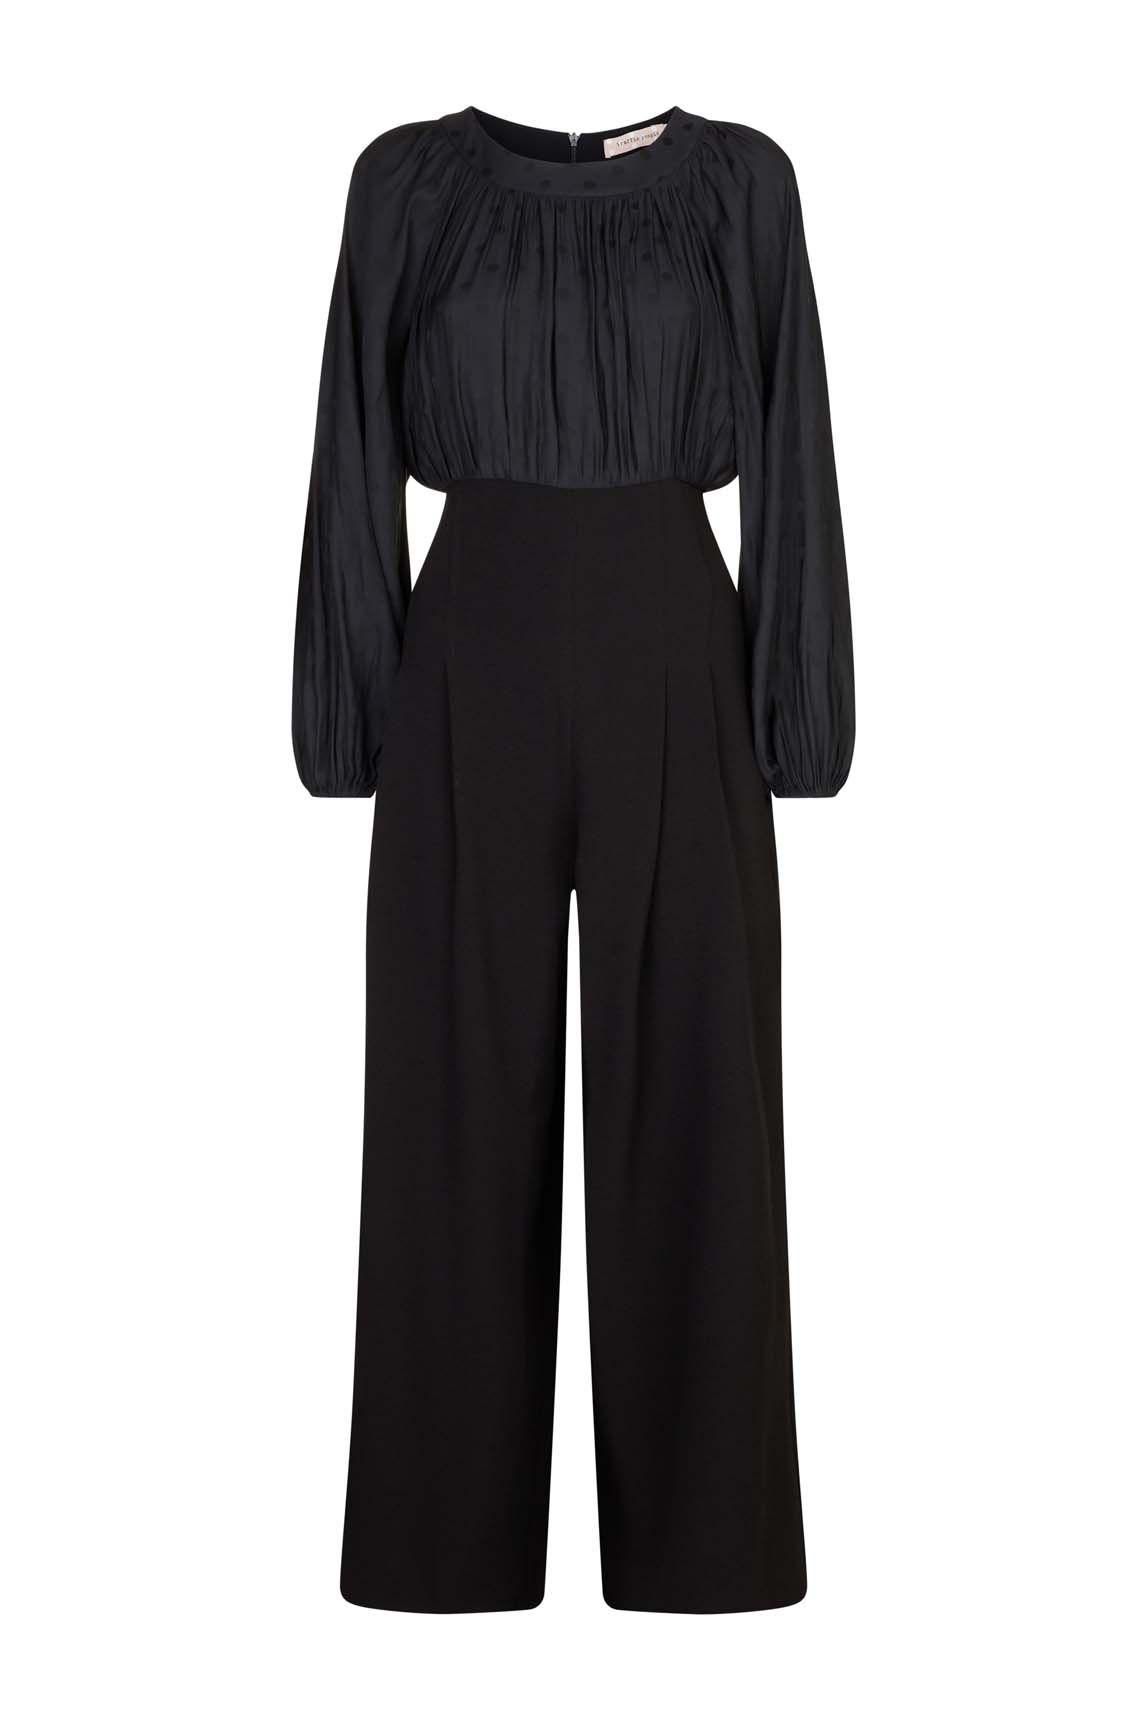 Haughty Polka Dot Long Sleeved Jumpsuit in Black